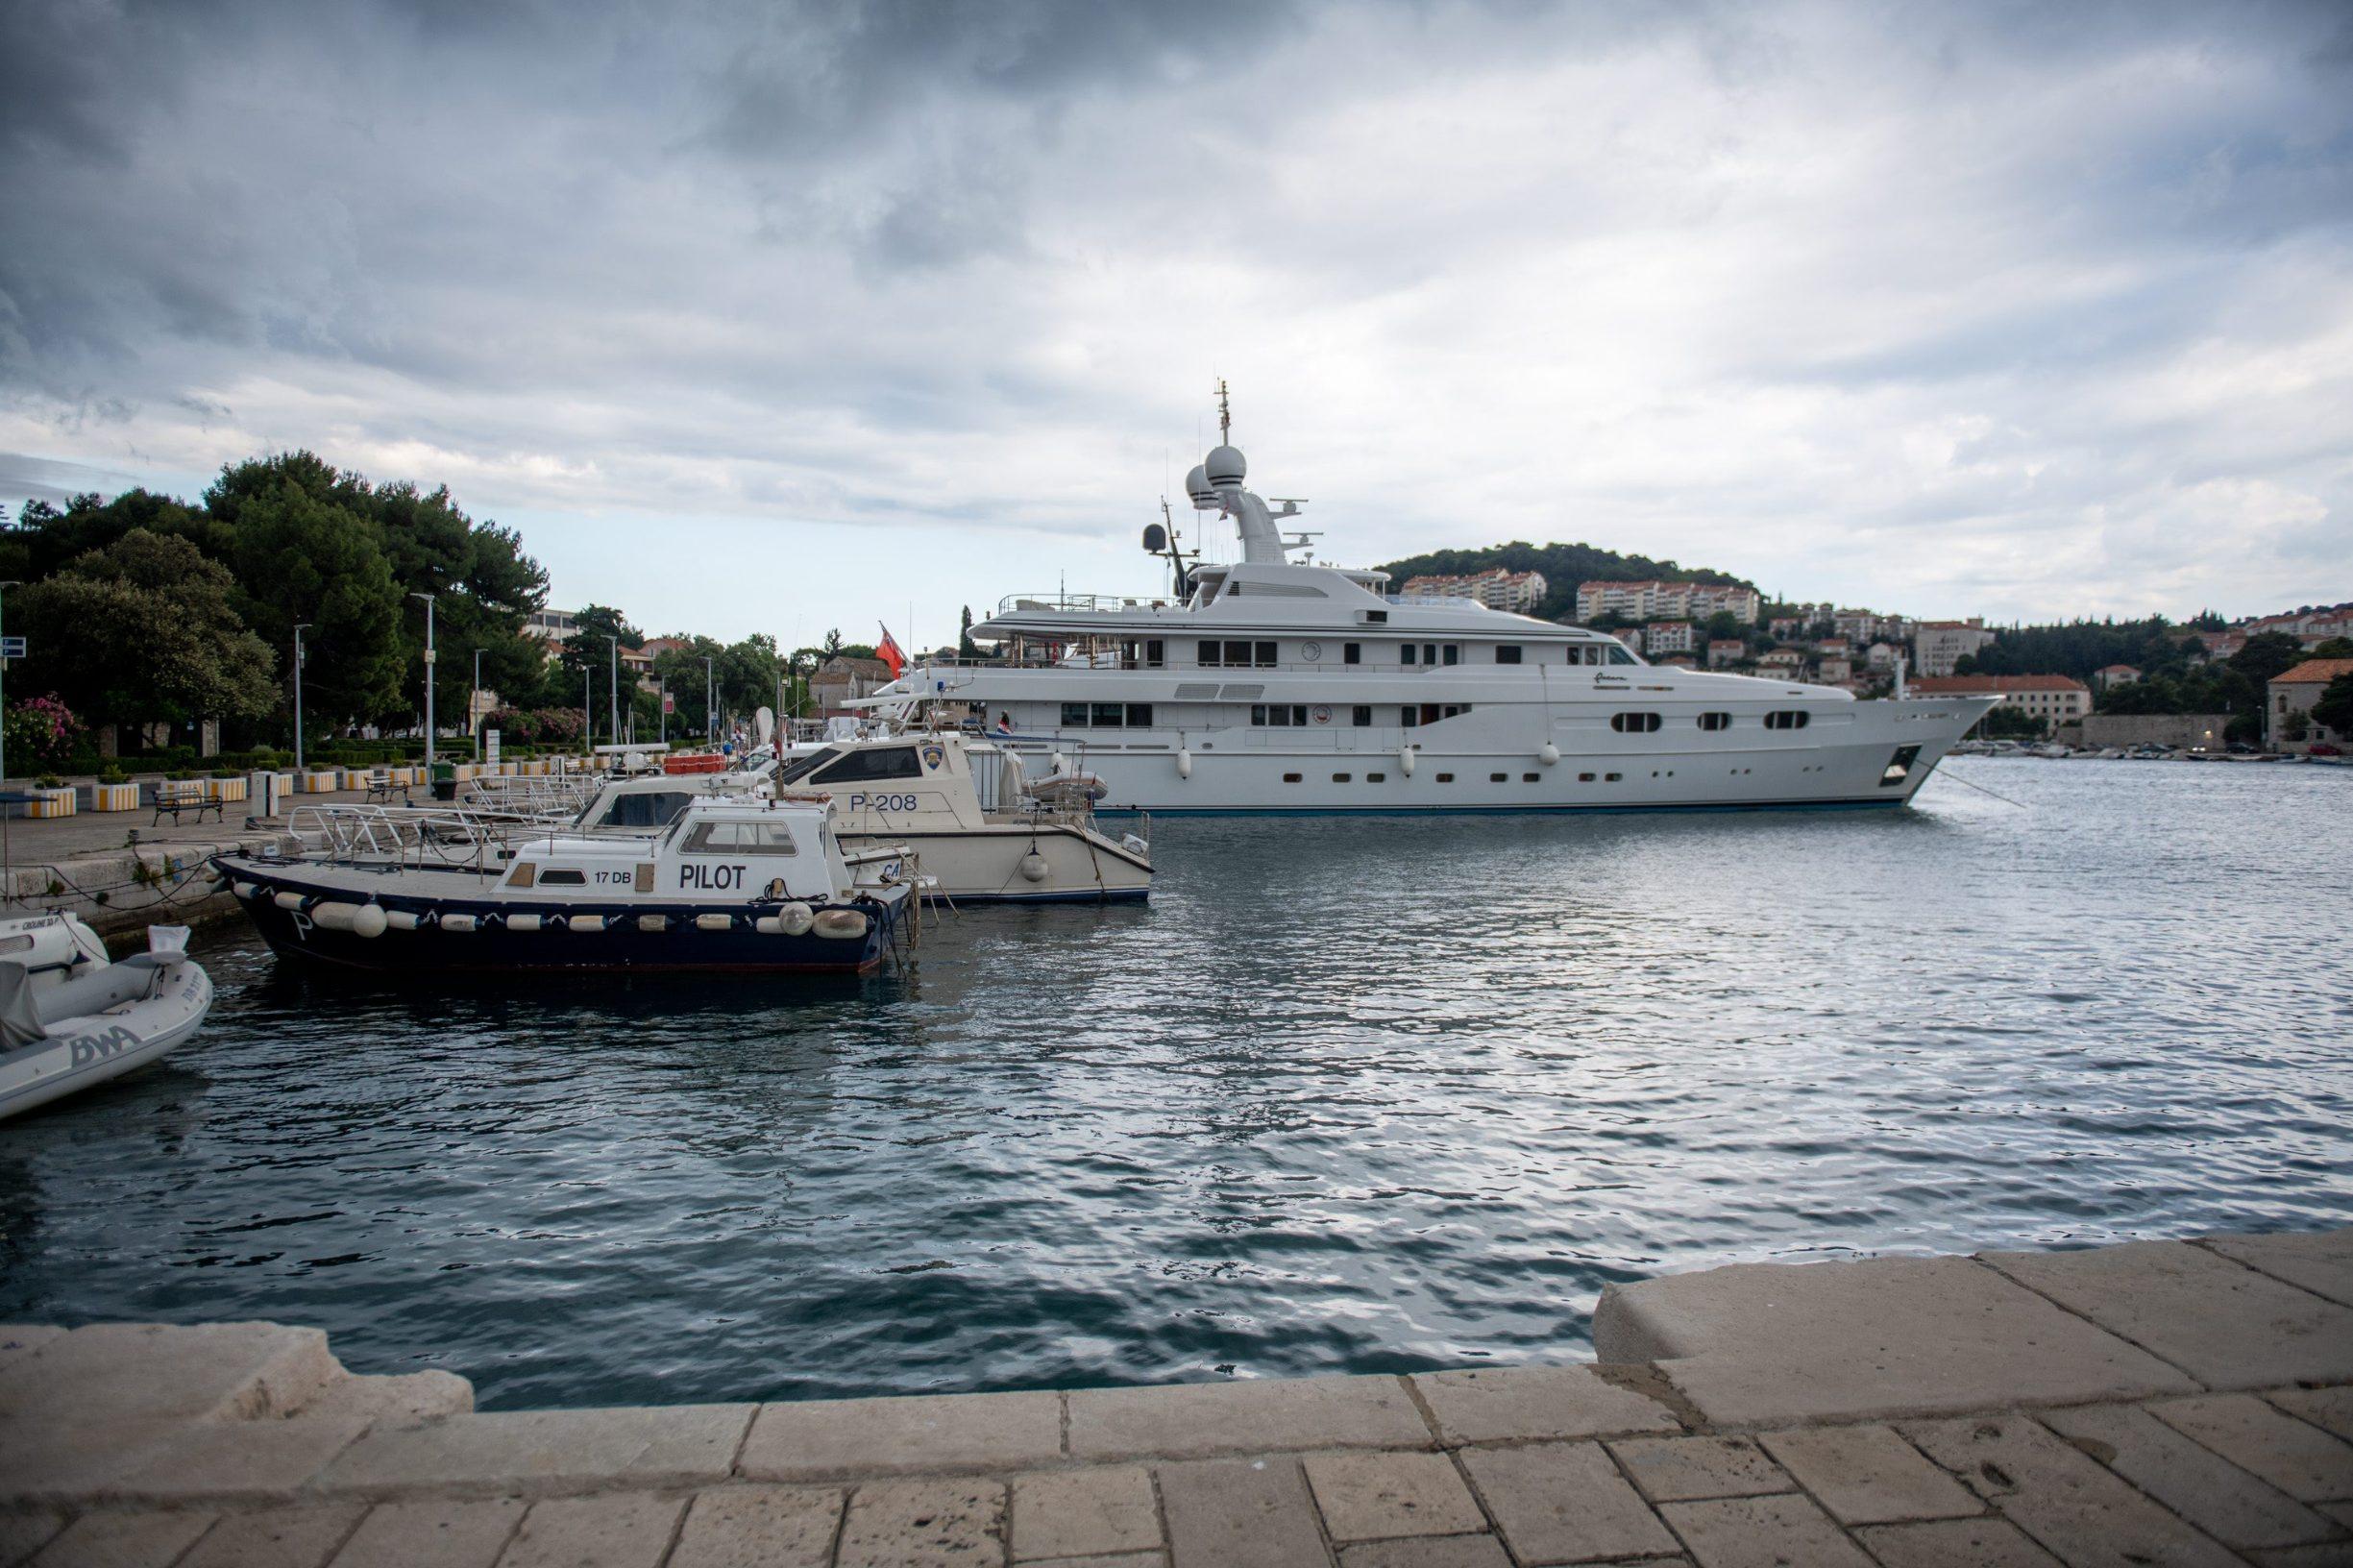 Dubrovnik, 31.05.2020. Jahta Petara u vlasnistvu Bernie Ecclestonea stigla je u Dubrovnik i usidrila se u grusku luku. Foto: Tonci Plazibat / CROPIX